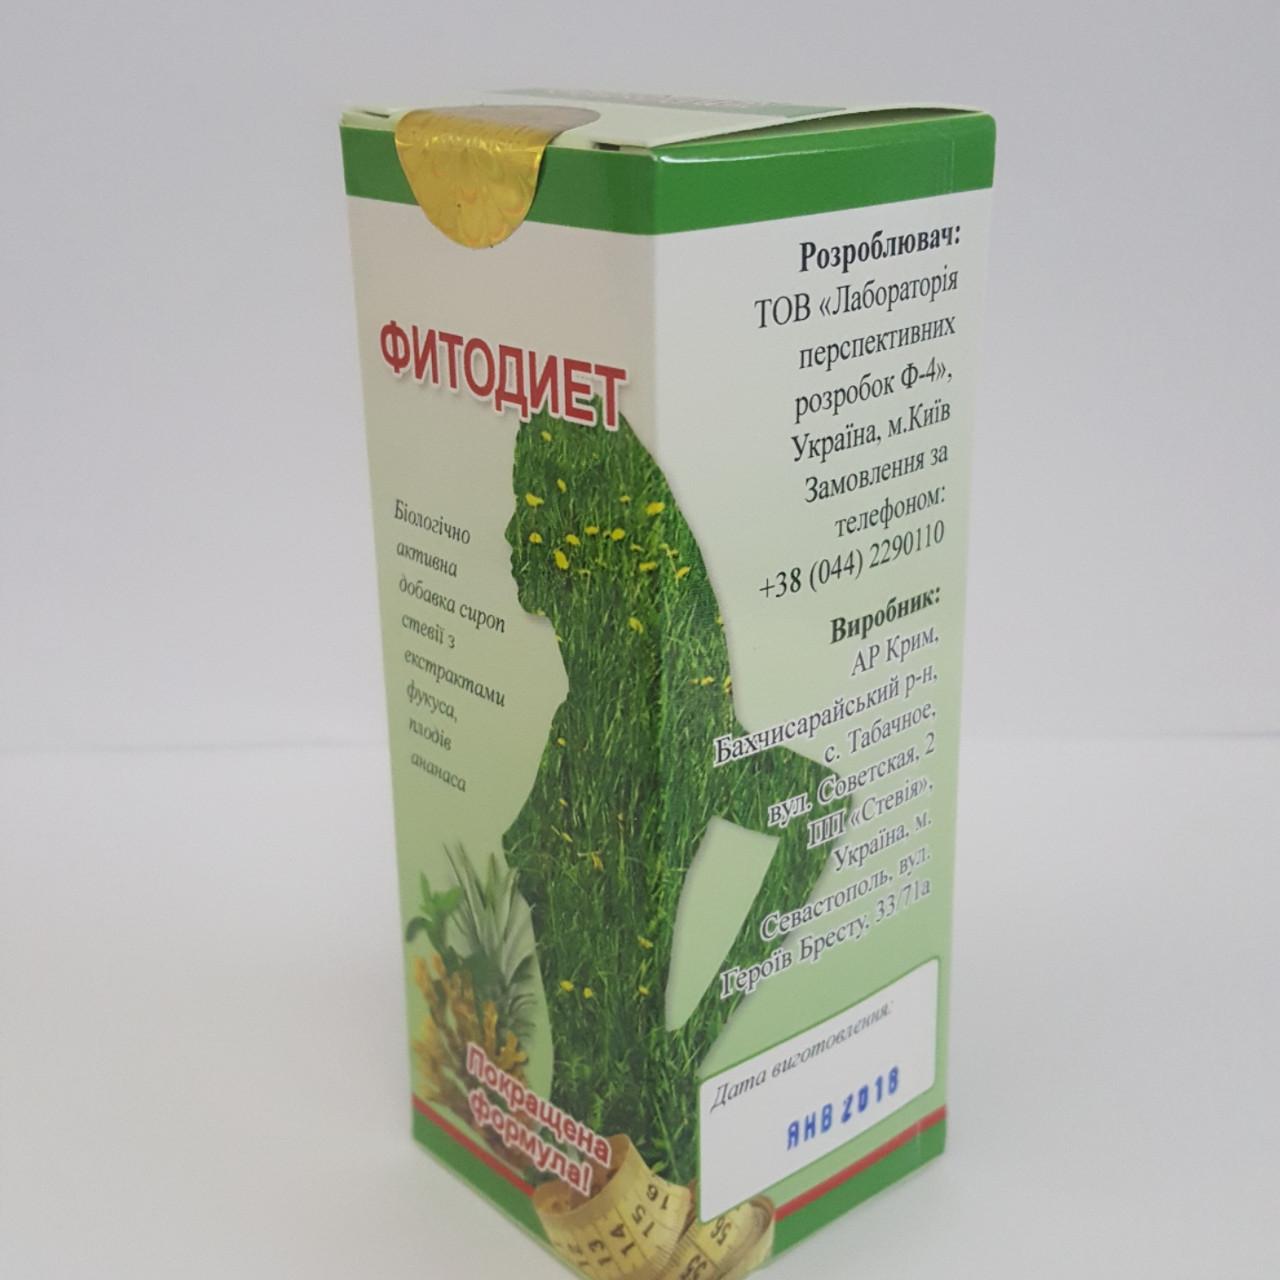 Фитодиет, 50мл. Для снижения массы тела.